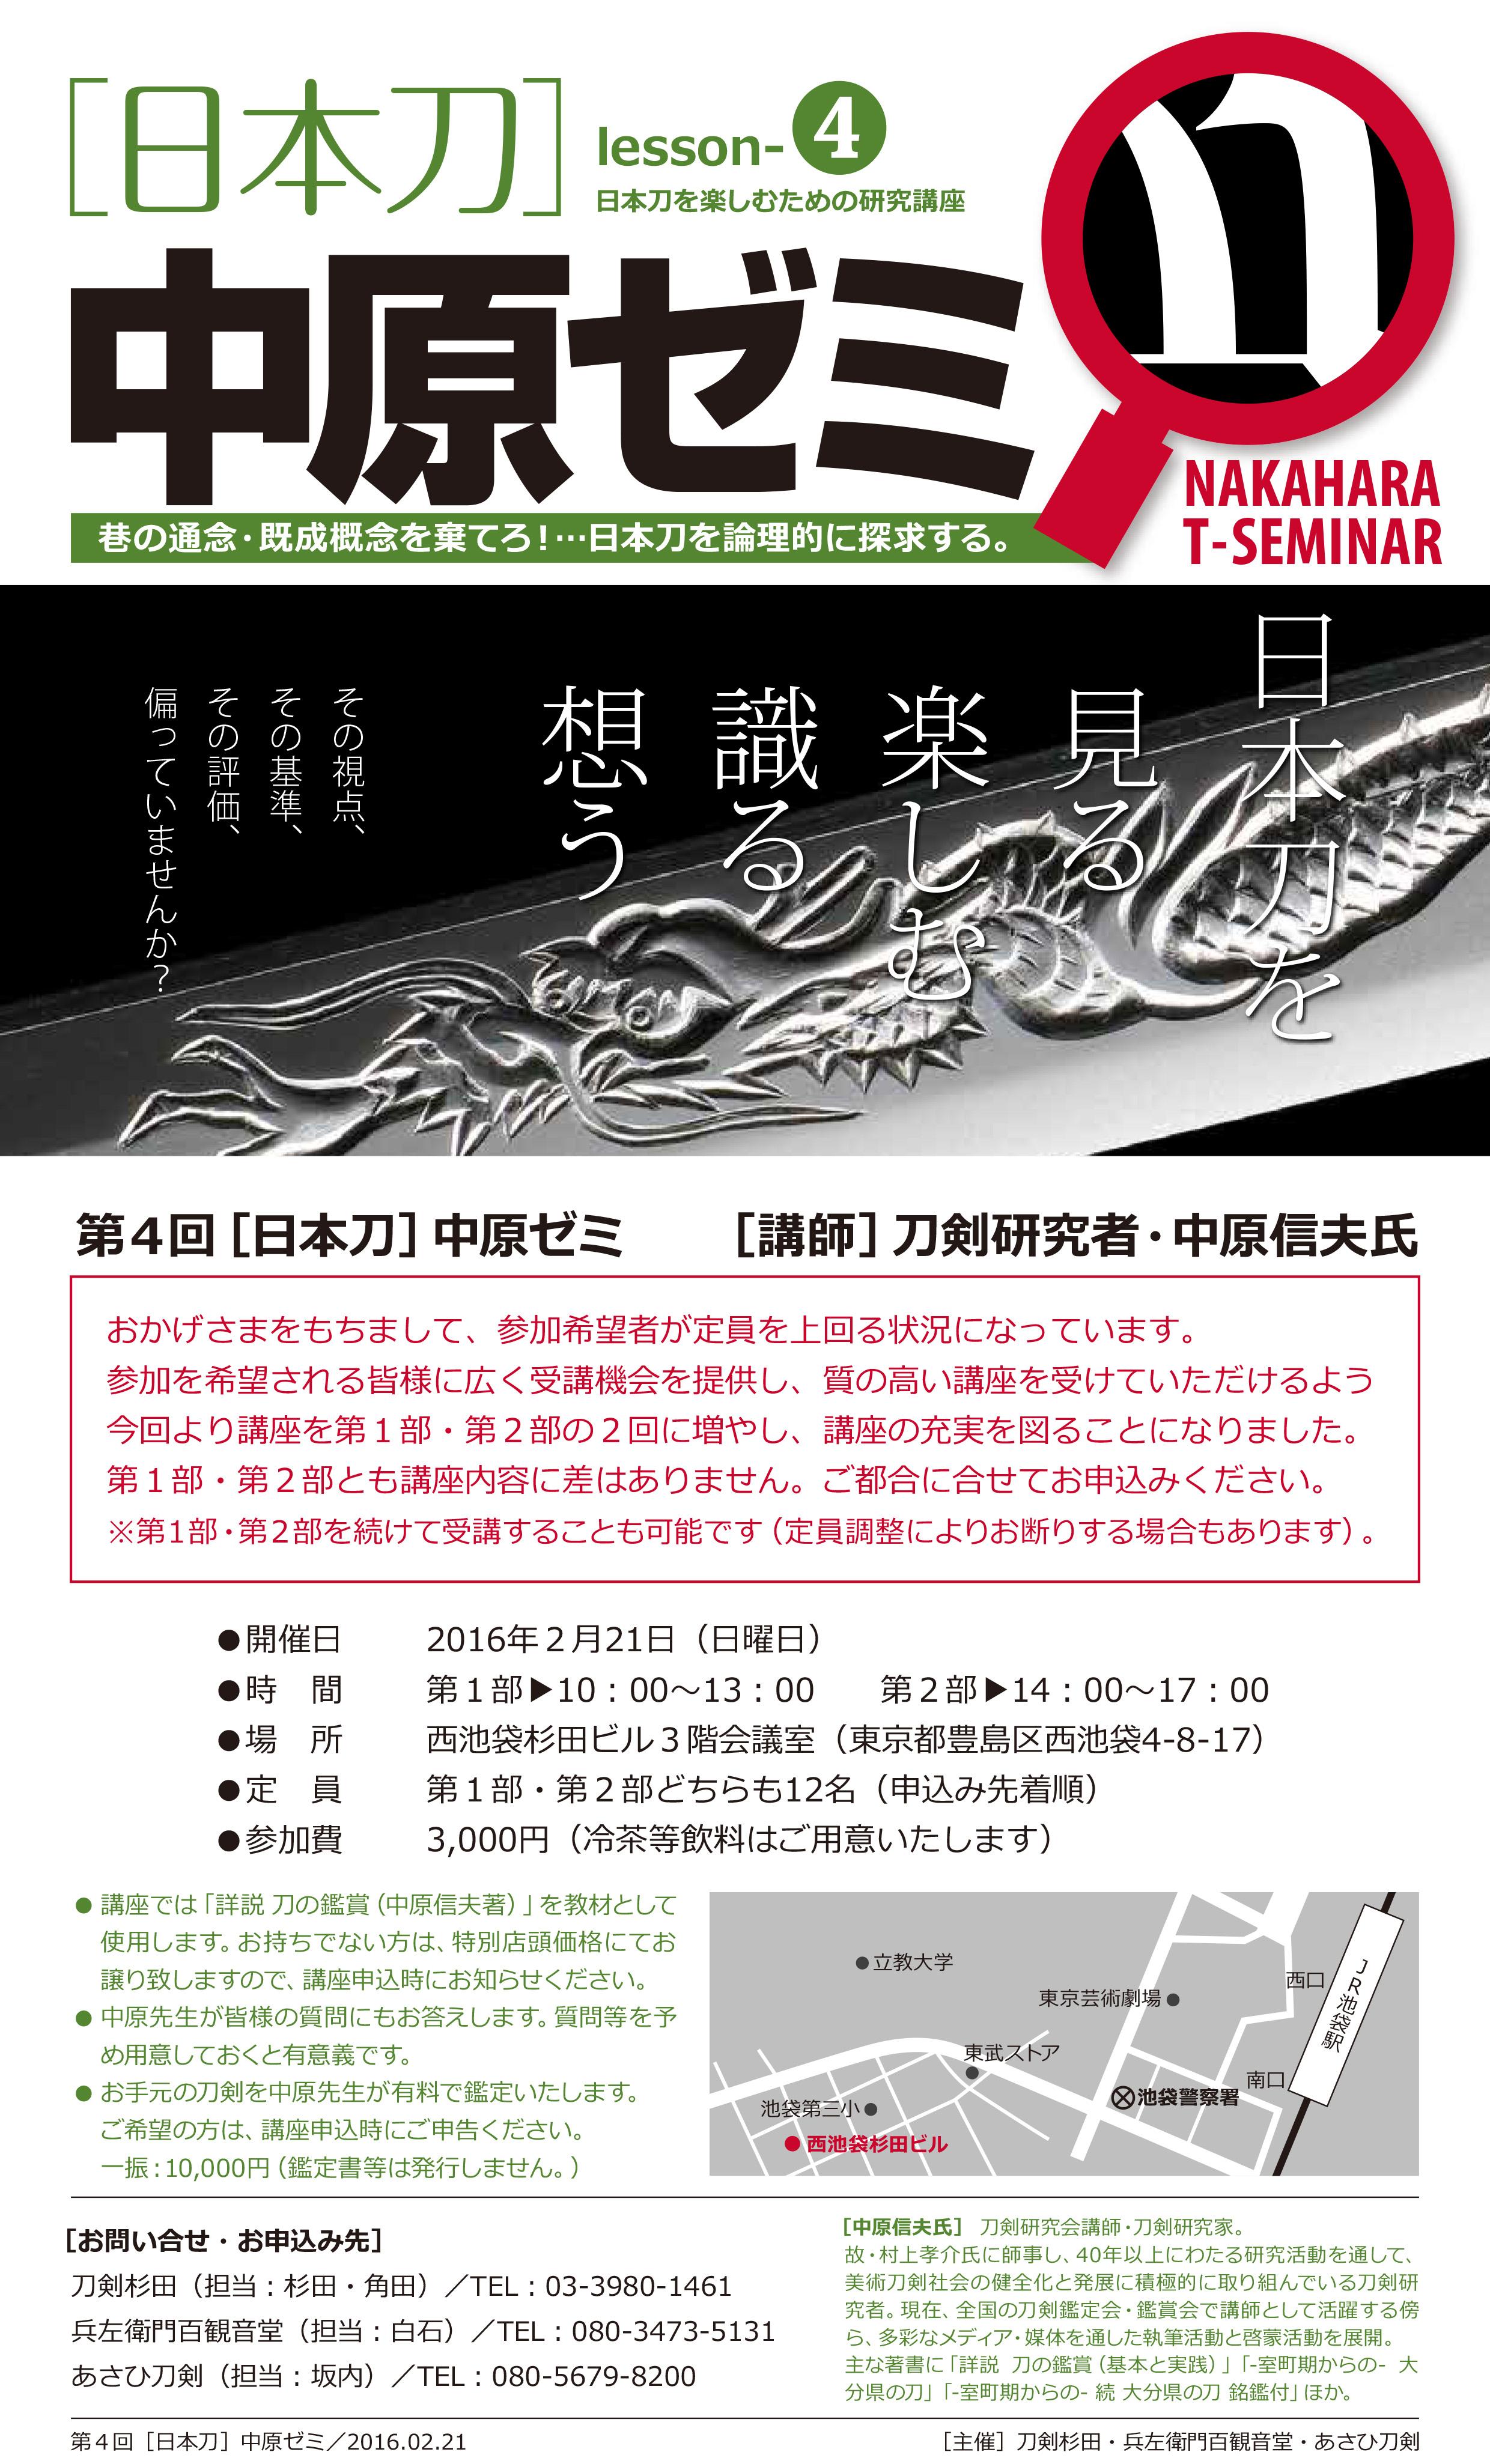 nakahara-semi_leafe-004